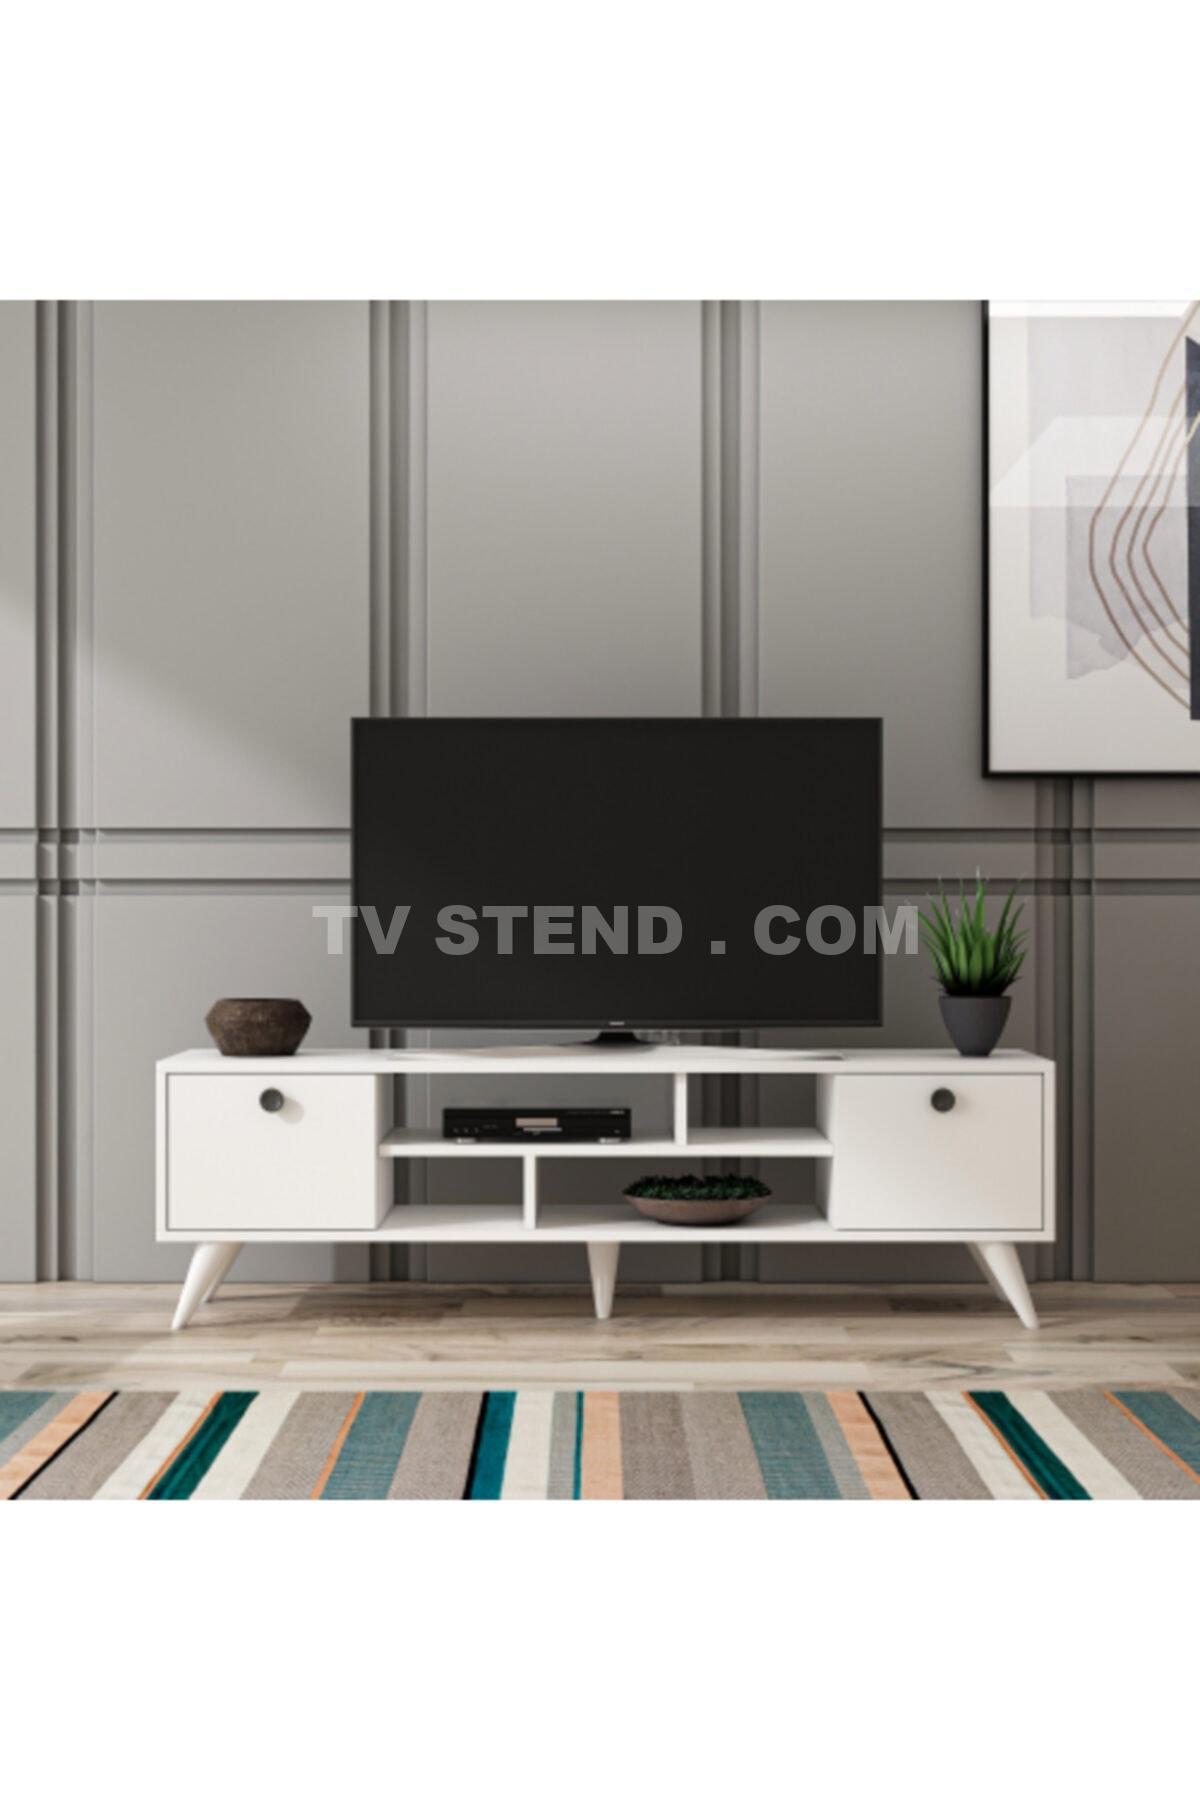 Rona tv stend